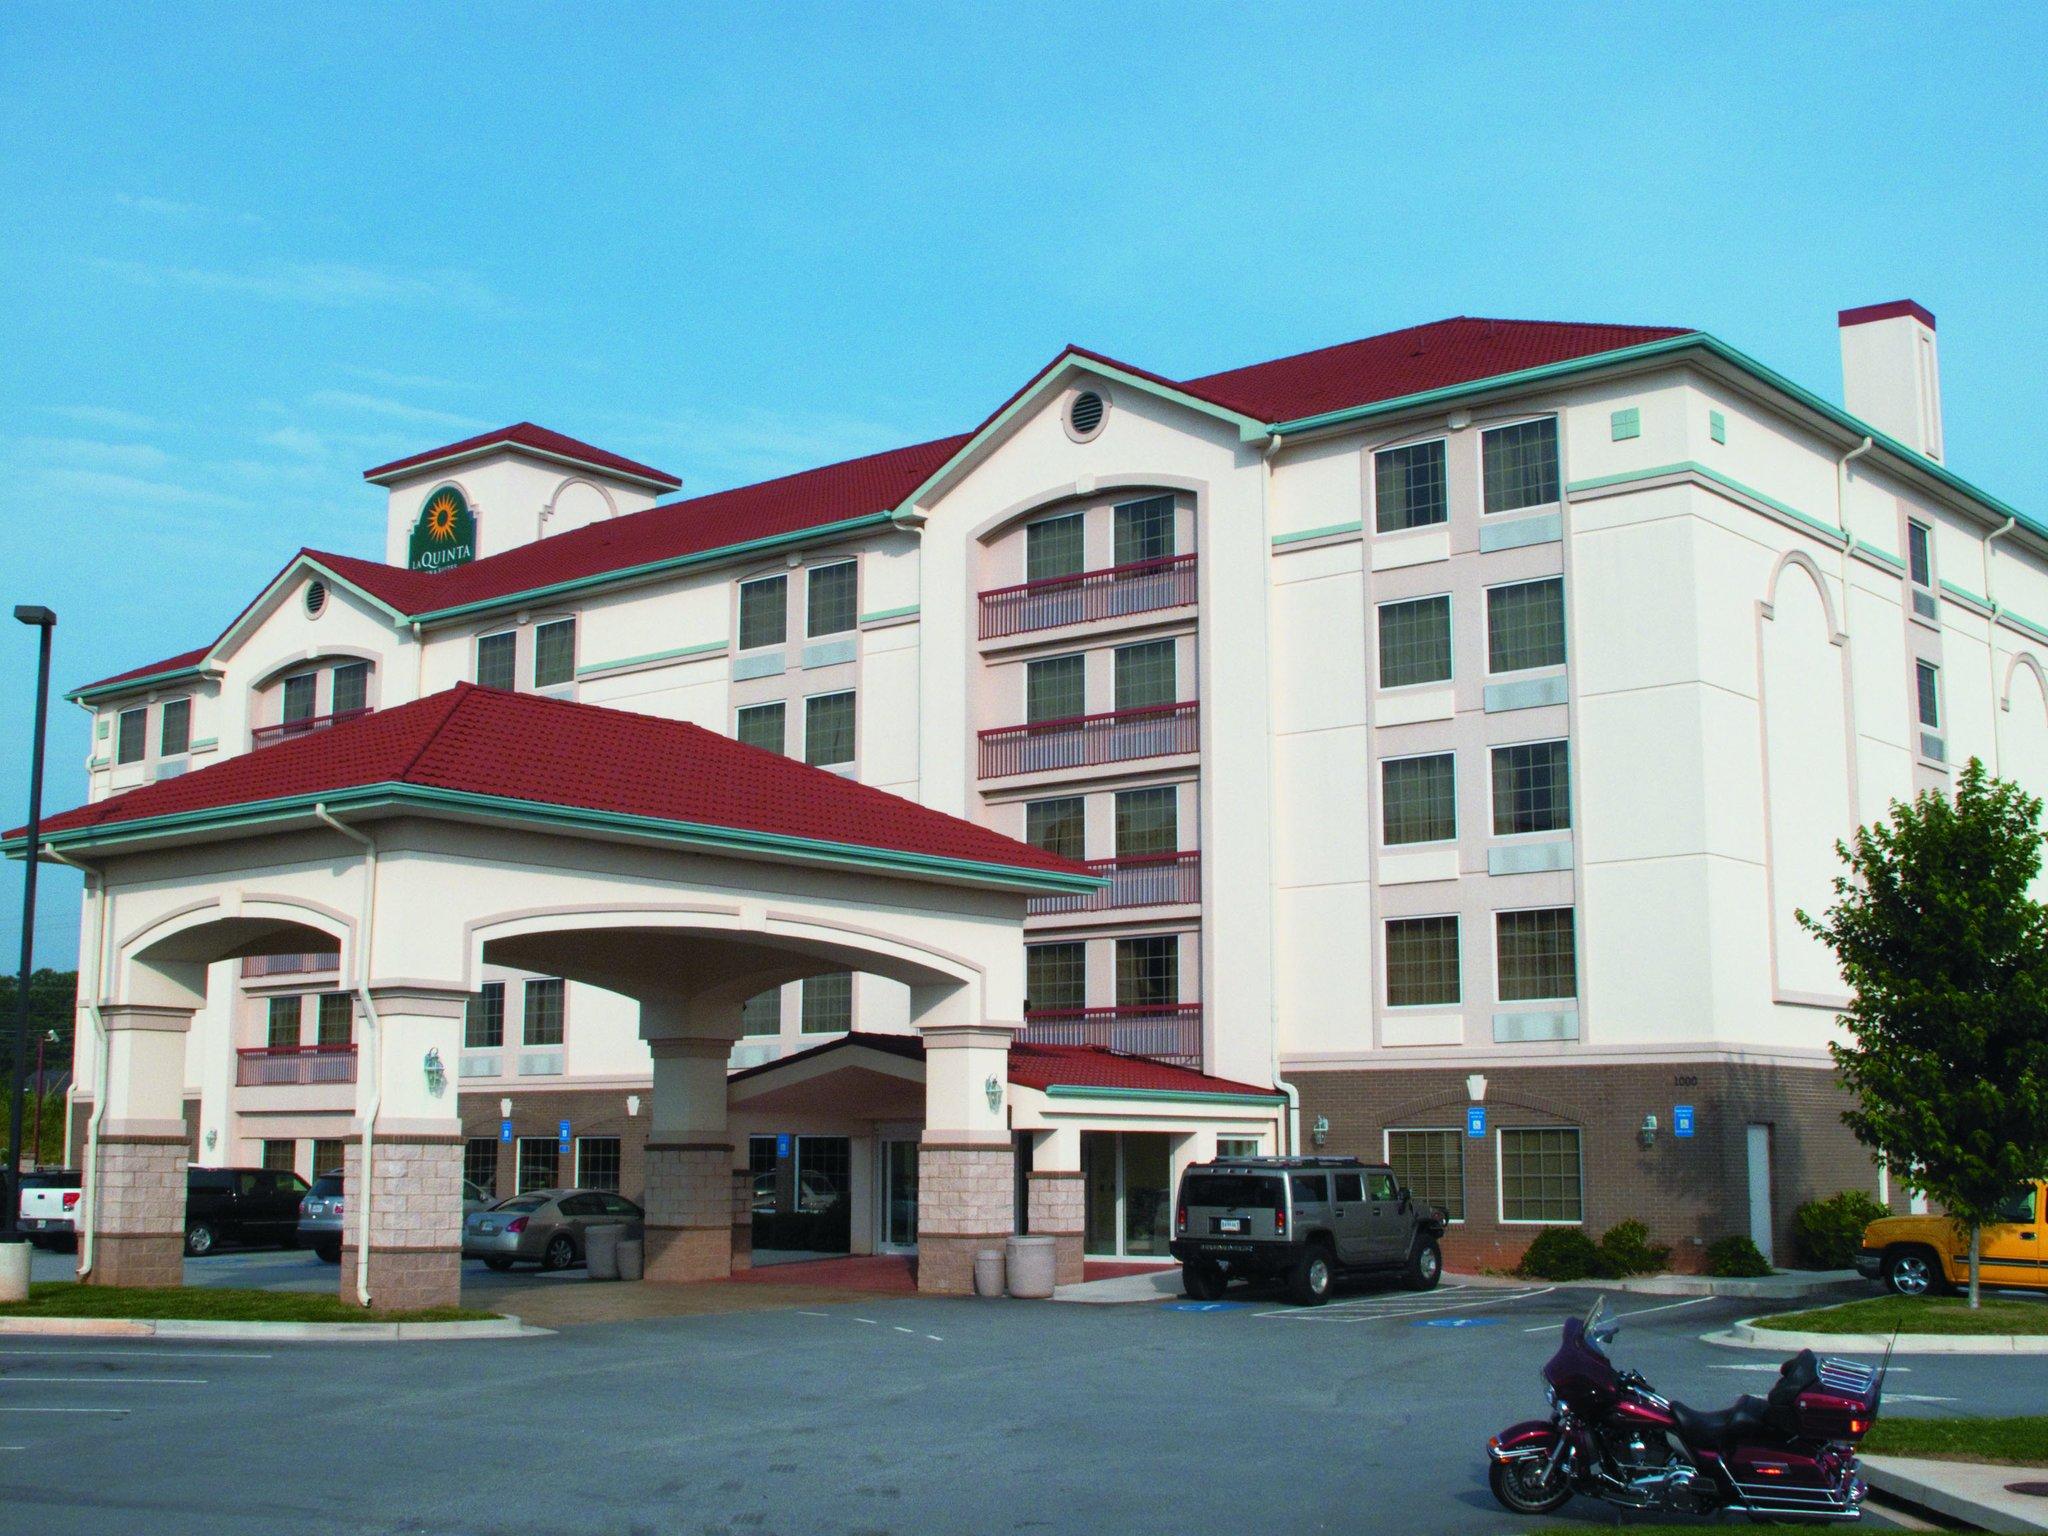 亞特蘭大-道格拉斯維爾拉昆塔旅館及套房飯店